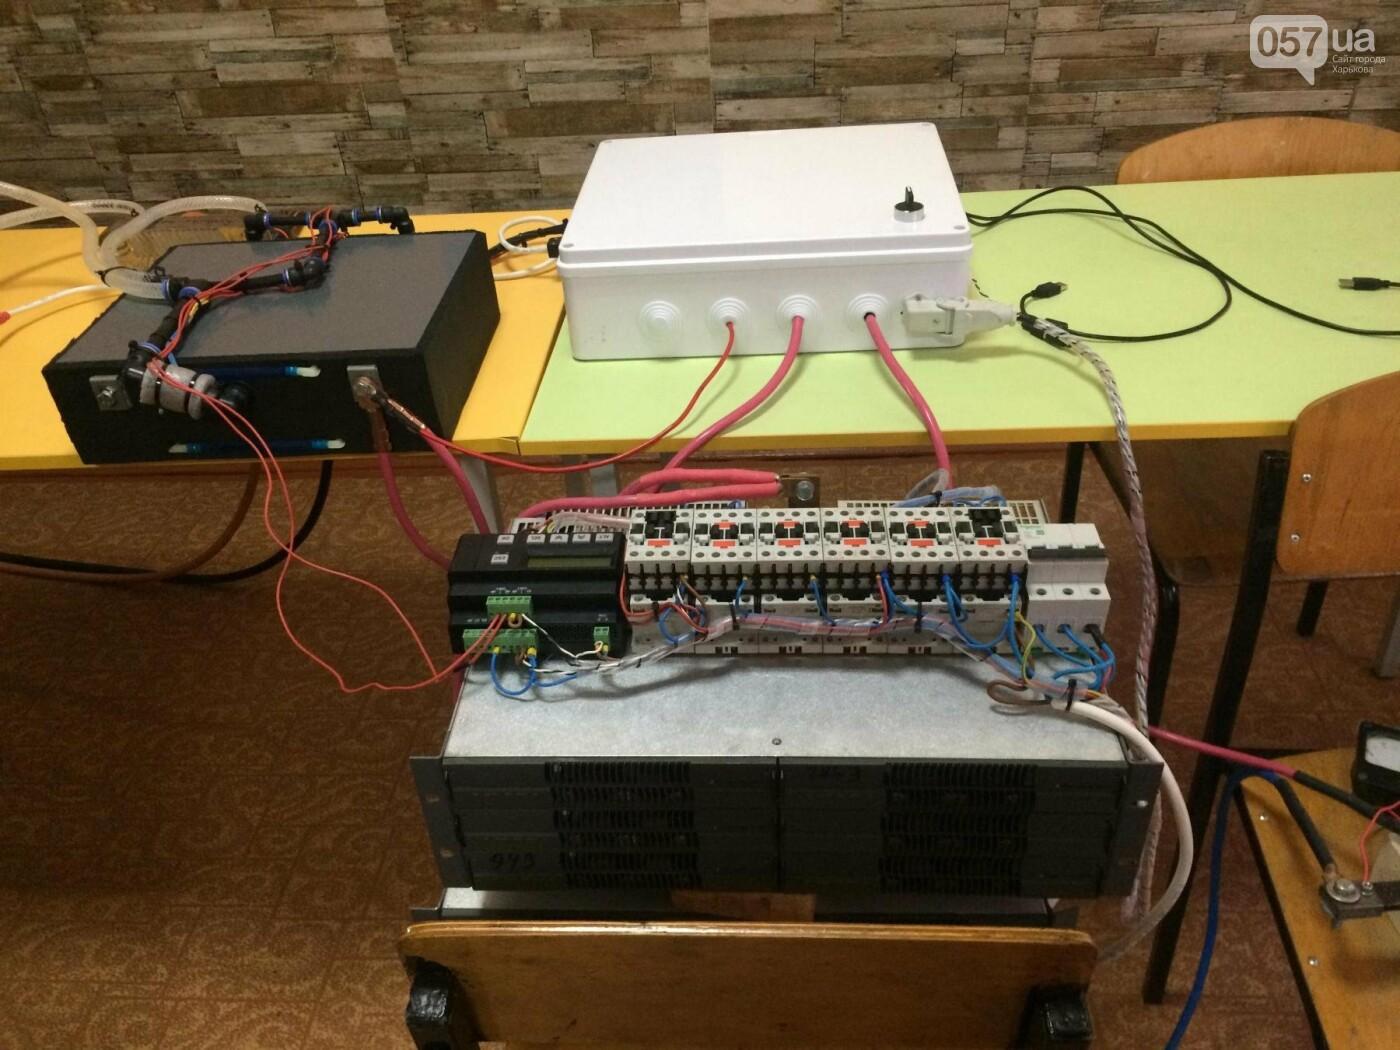 Быстрее, чем у Tesla: инженер из Харькова запатентовал аккумулятор для электромобилей (ФОТО) , фото-2